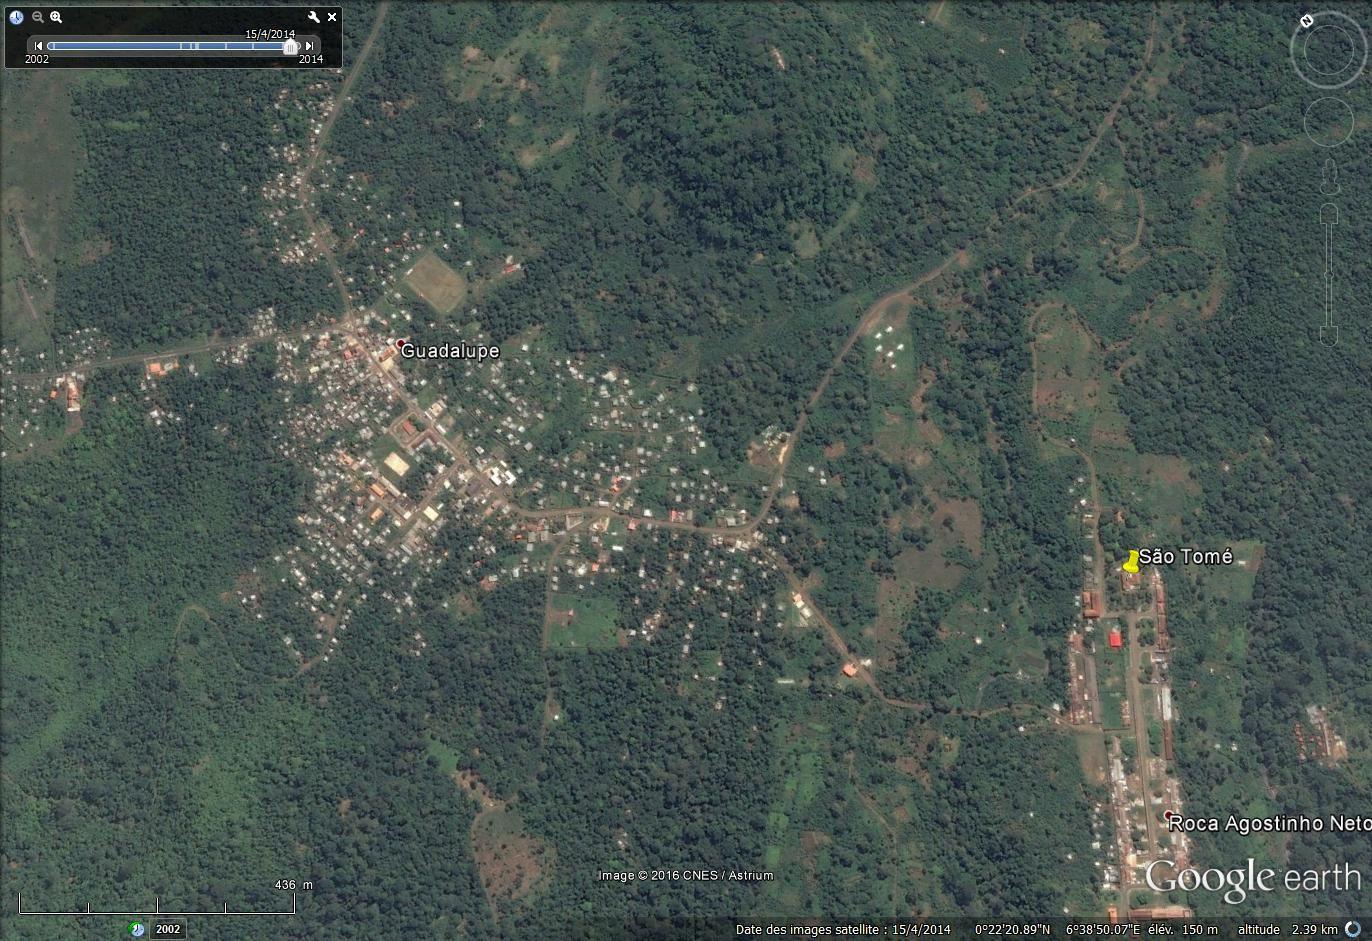 Imagessatellitaires de 2014 (CNES - Astrum via Google earth)   Voir la belle colline circulaire en haut de la première image